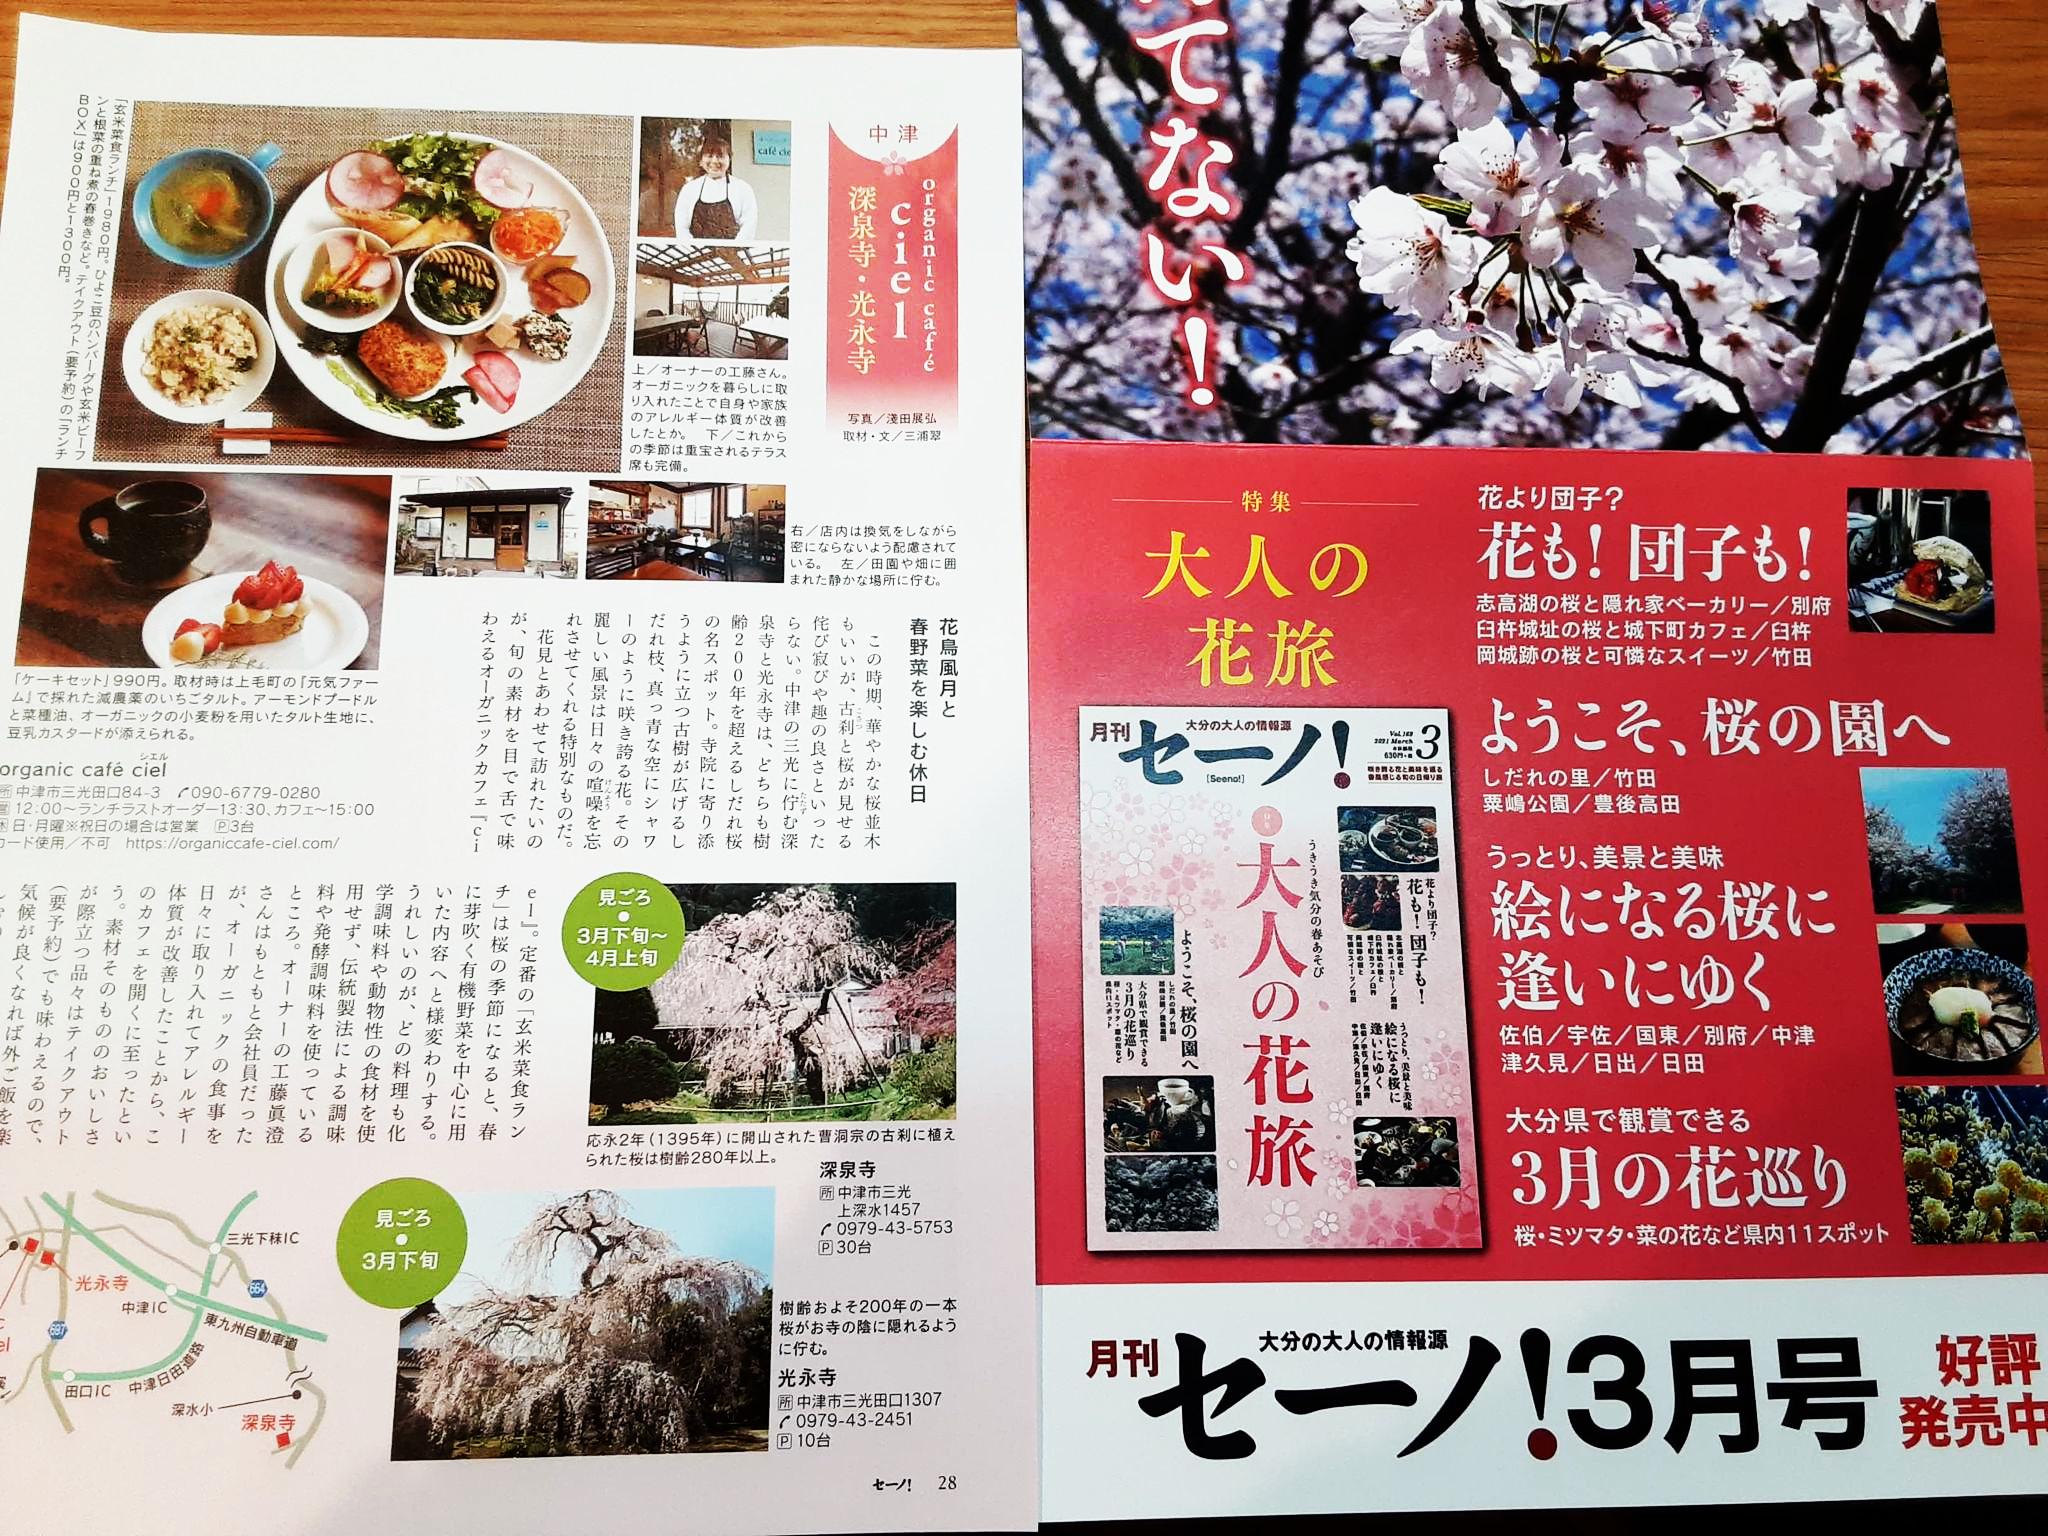 11月café ciel~シエル~営業日情報!(お知らせ)2